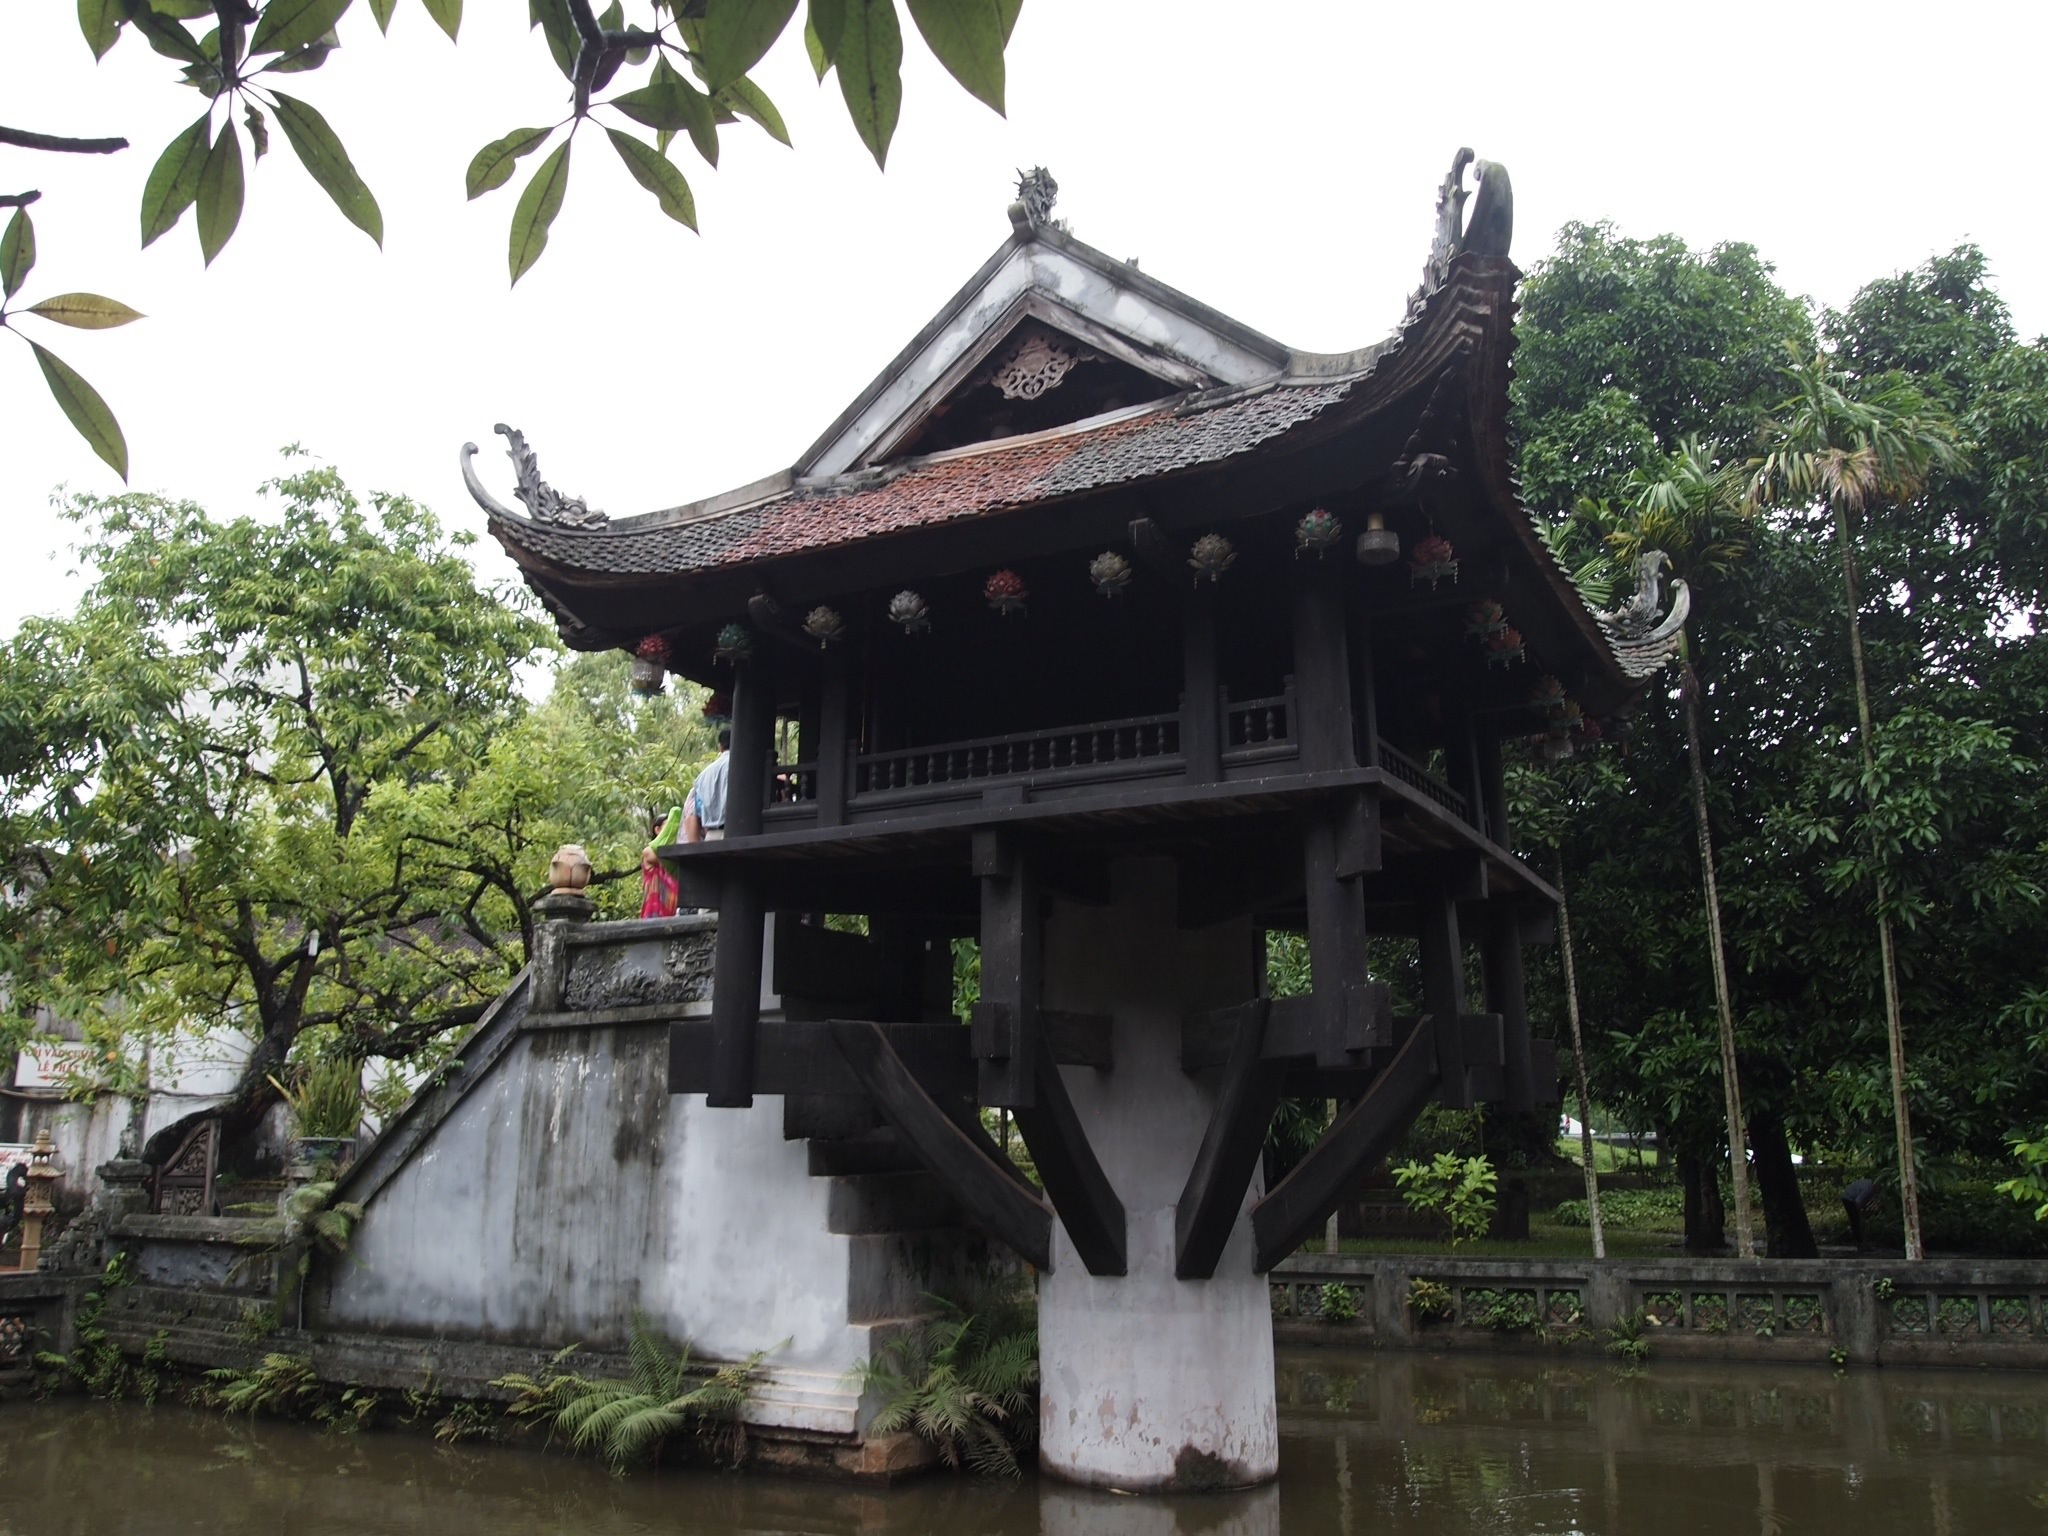 ベトナムの象徴であるホーチミン廟と一柱寺